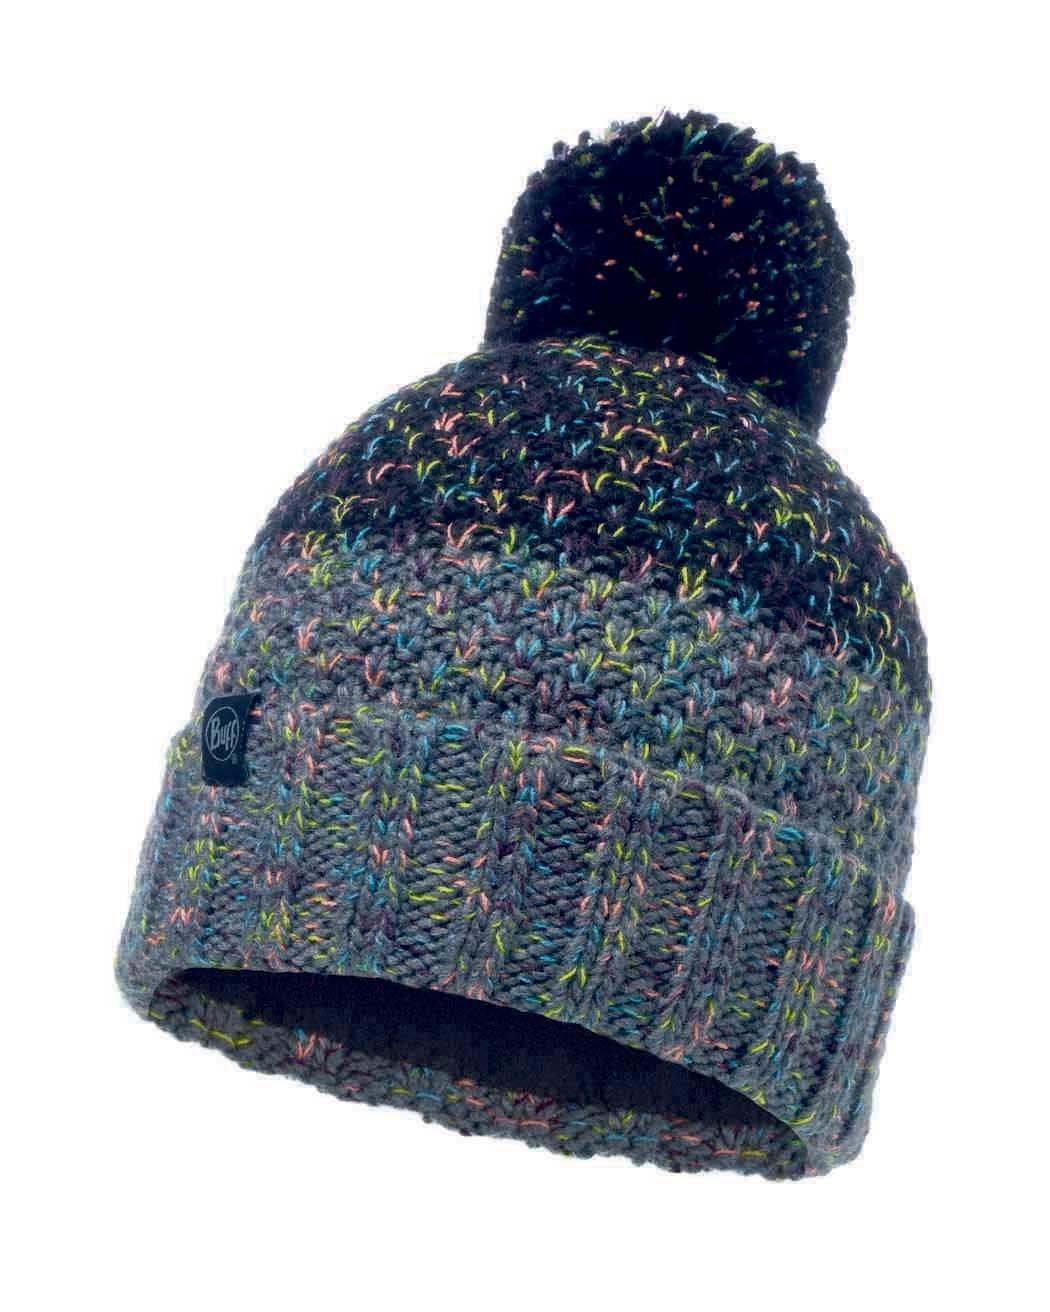 Шапки с помпоном Вязаная шапка с флисовой подкладкой Buff Hat Knitted Polar Janna Black 117851.999.10.00.jpg